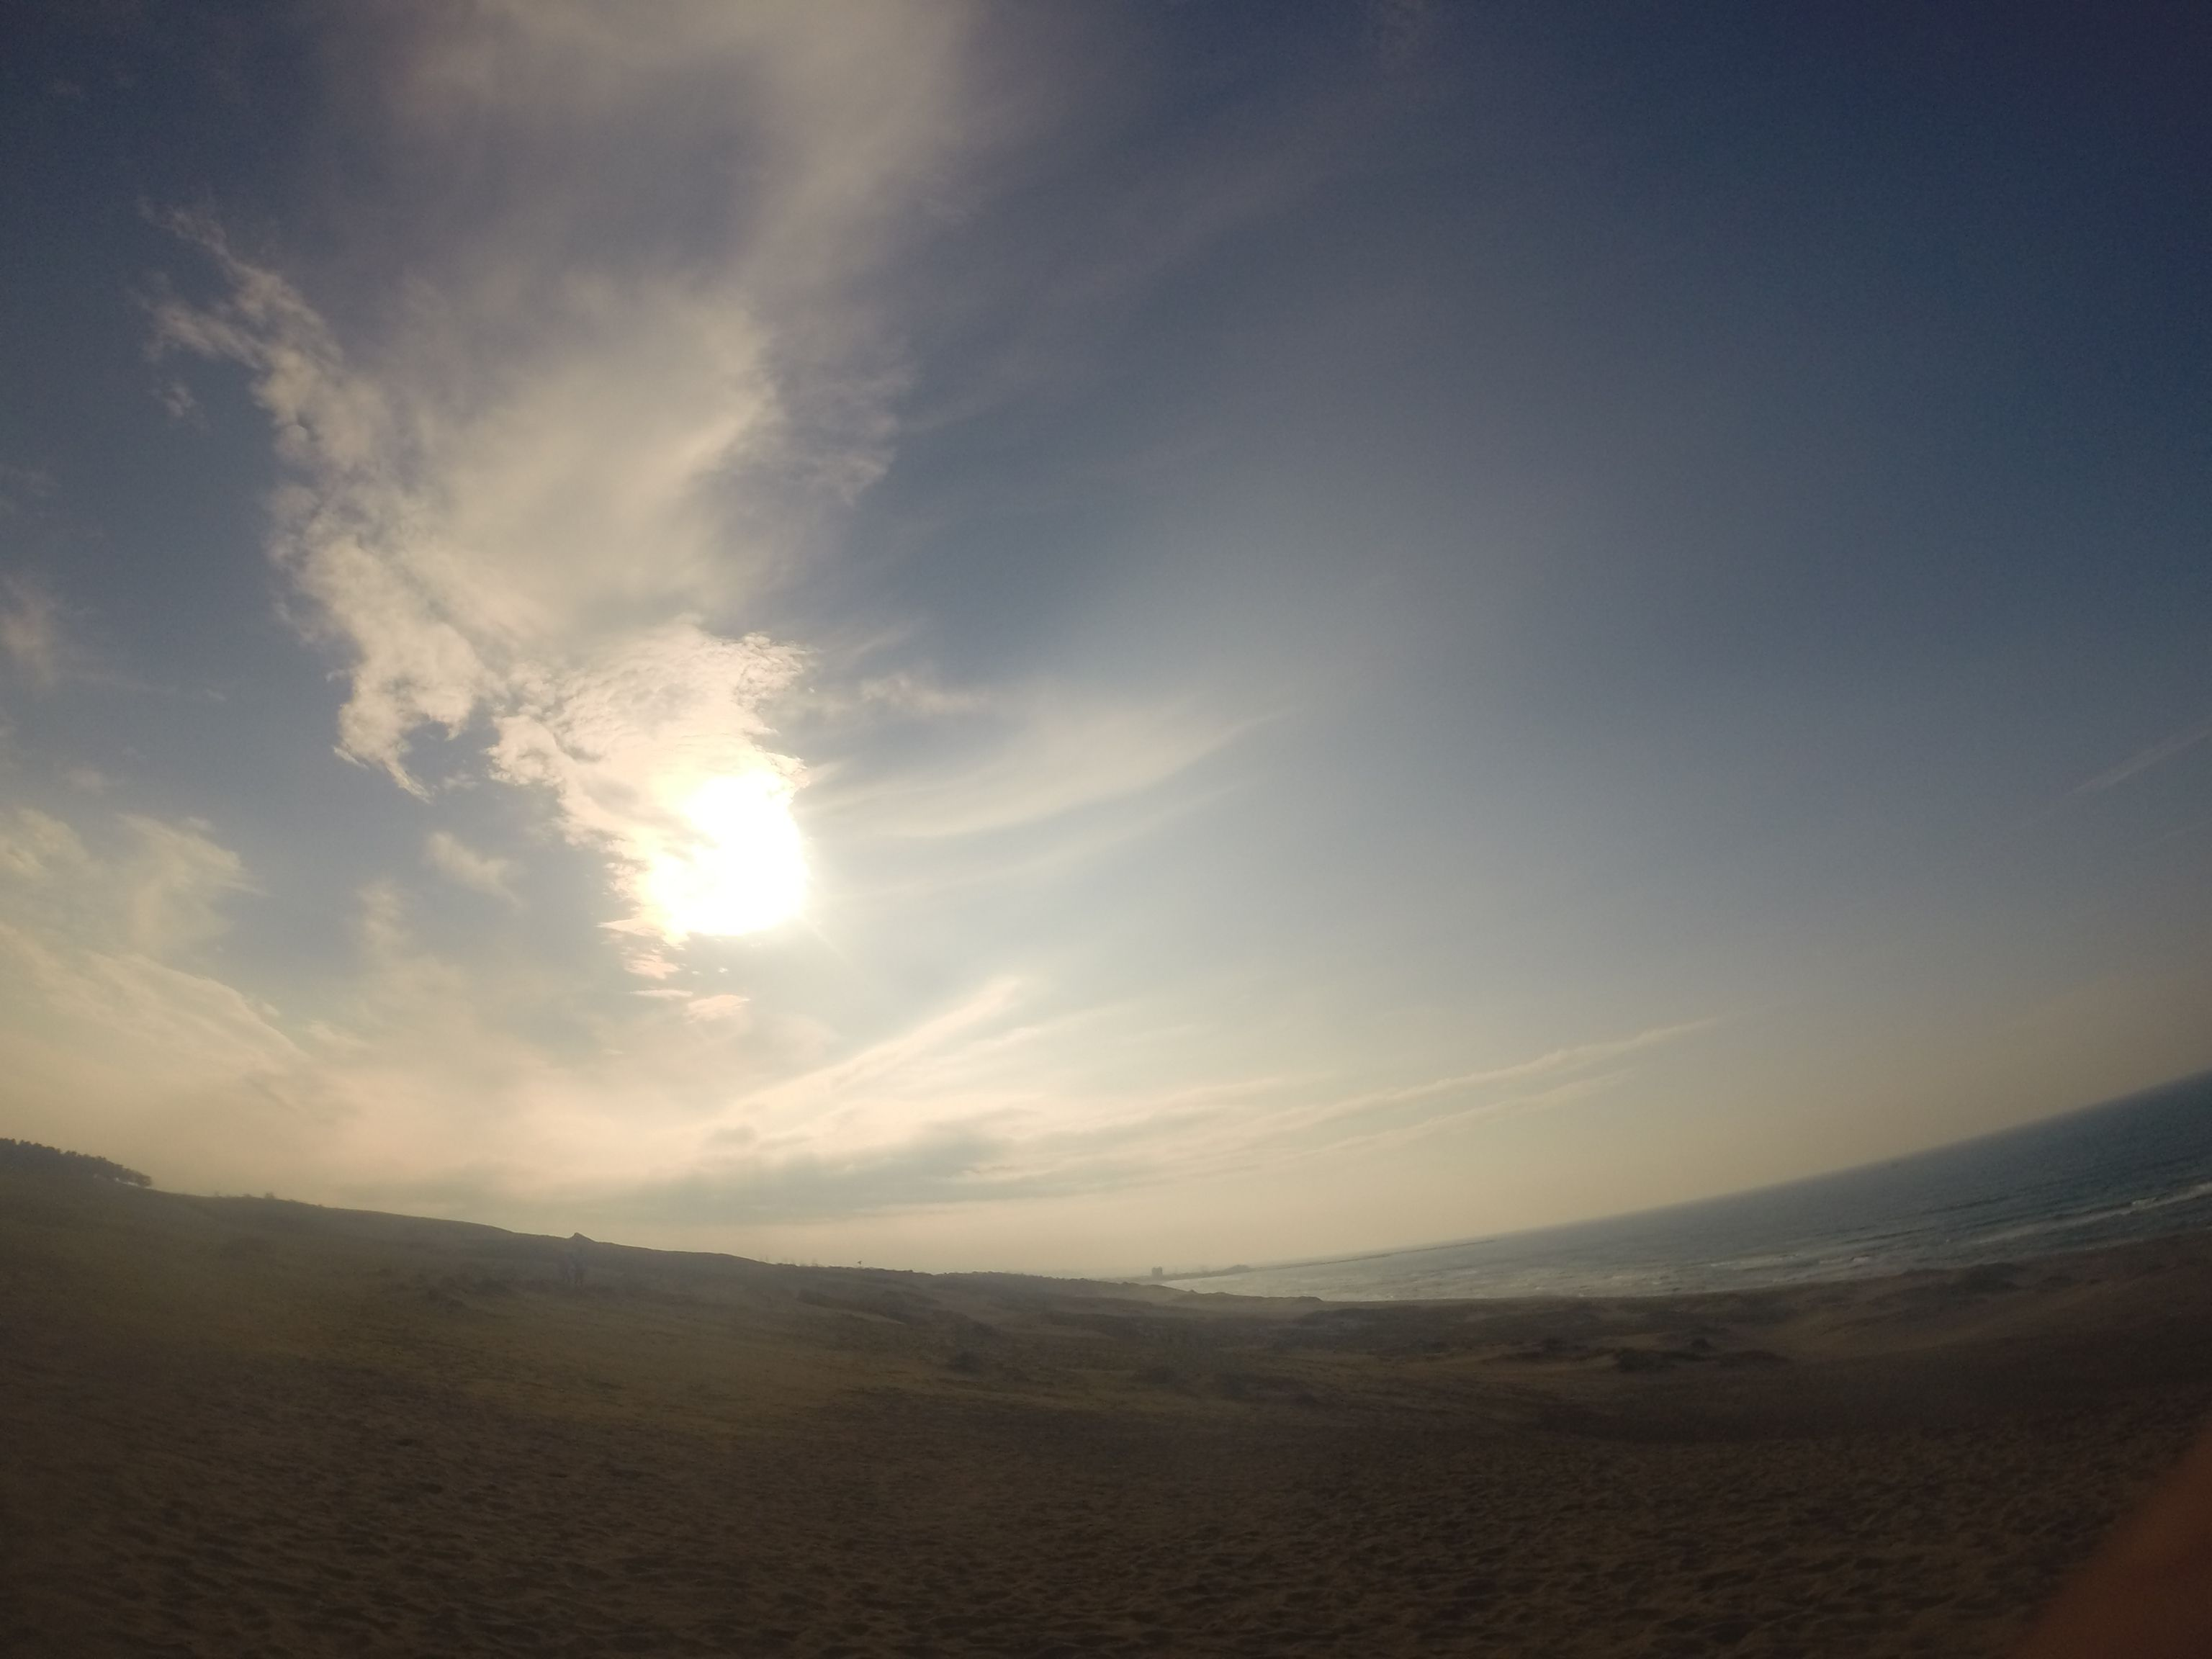 太陽と雲がステキなコラボレーション